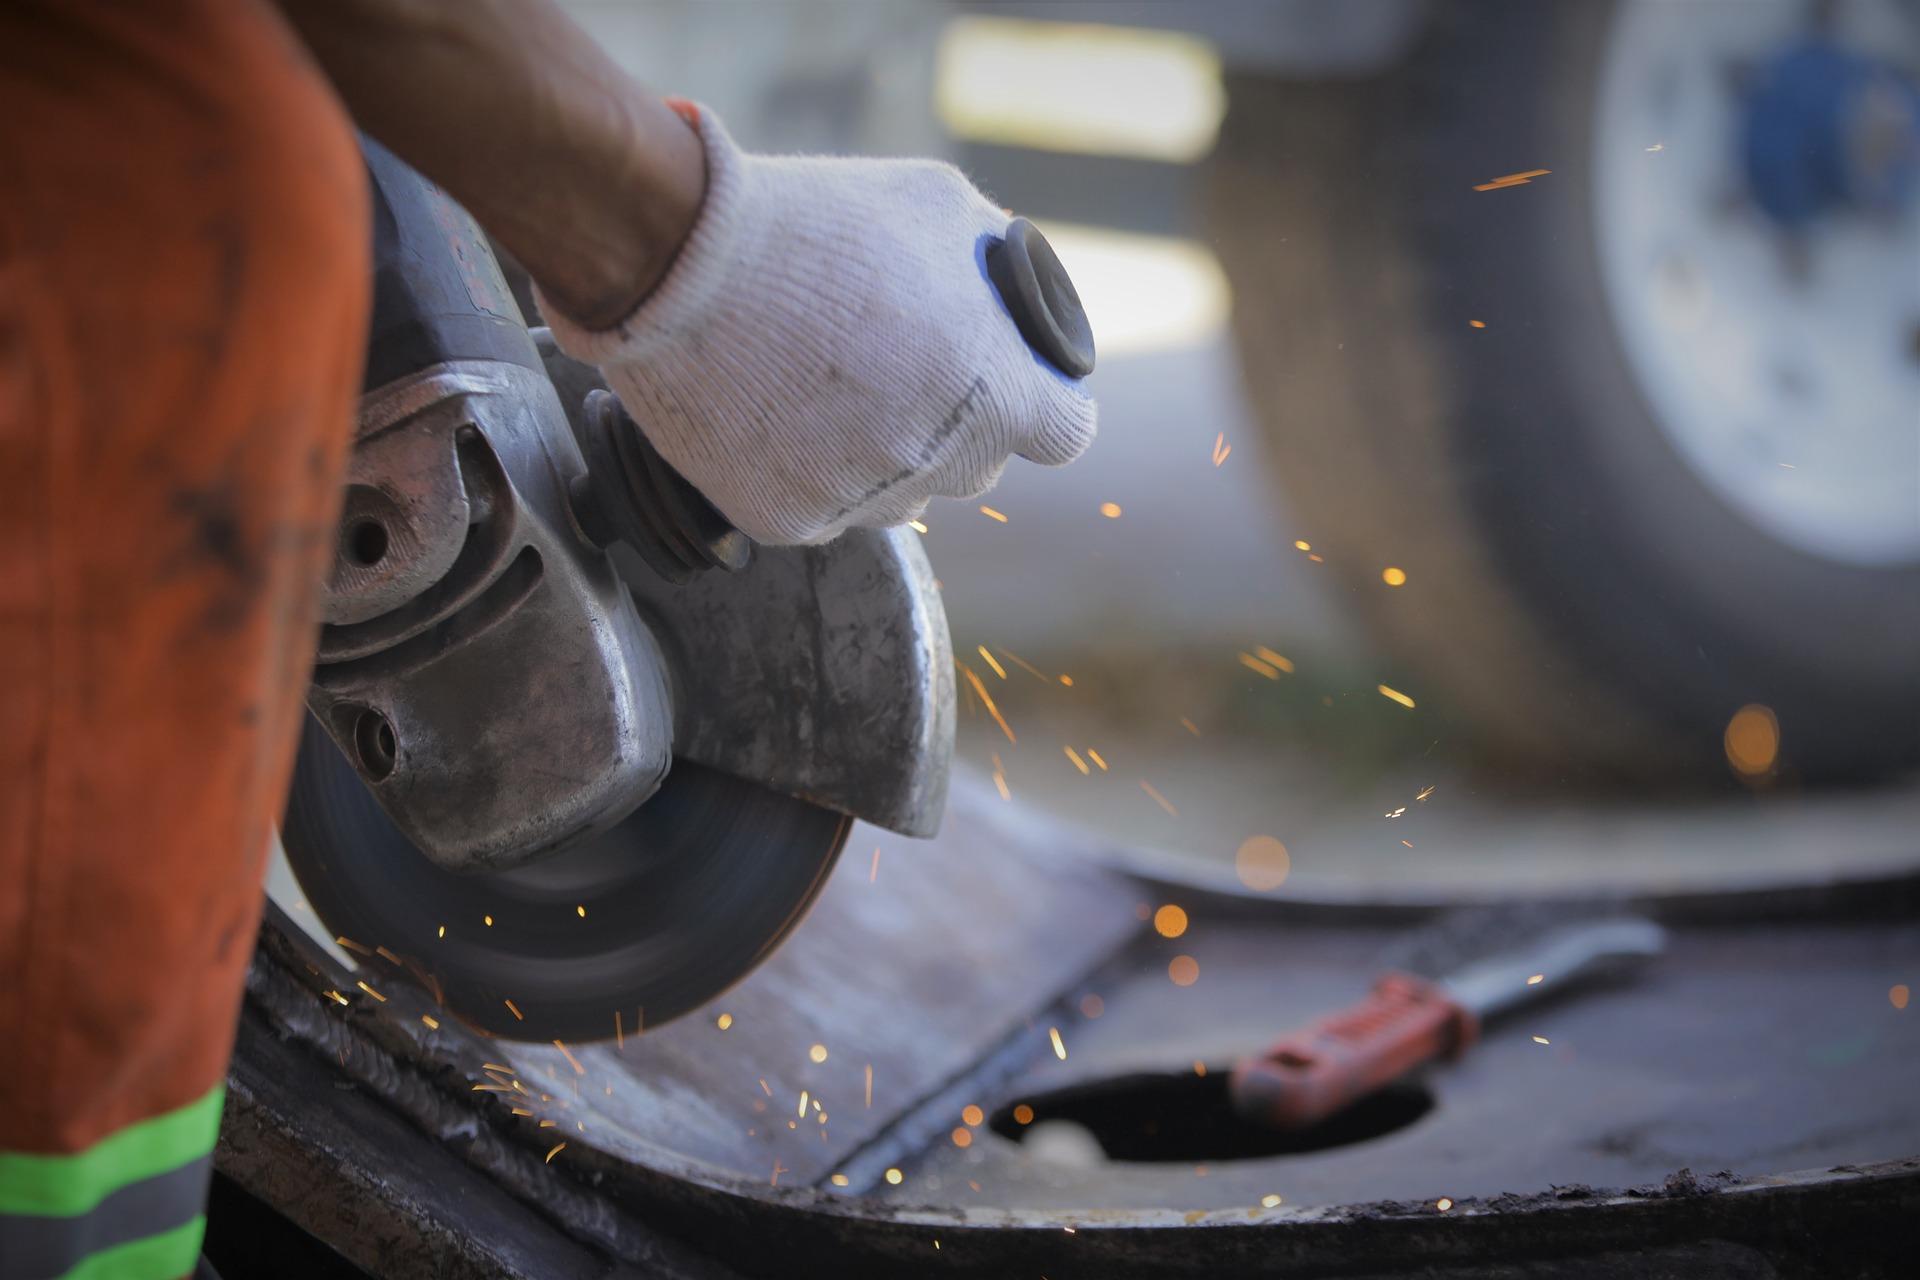 Zakup i instalacja wentylatorów przemysłowych